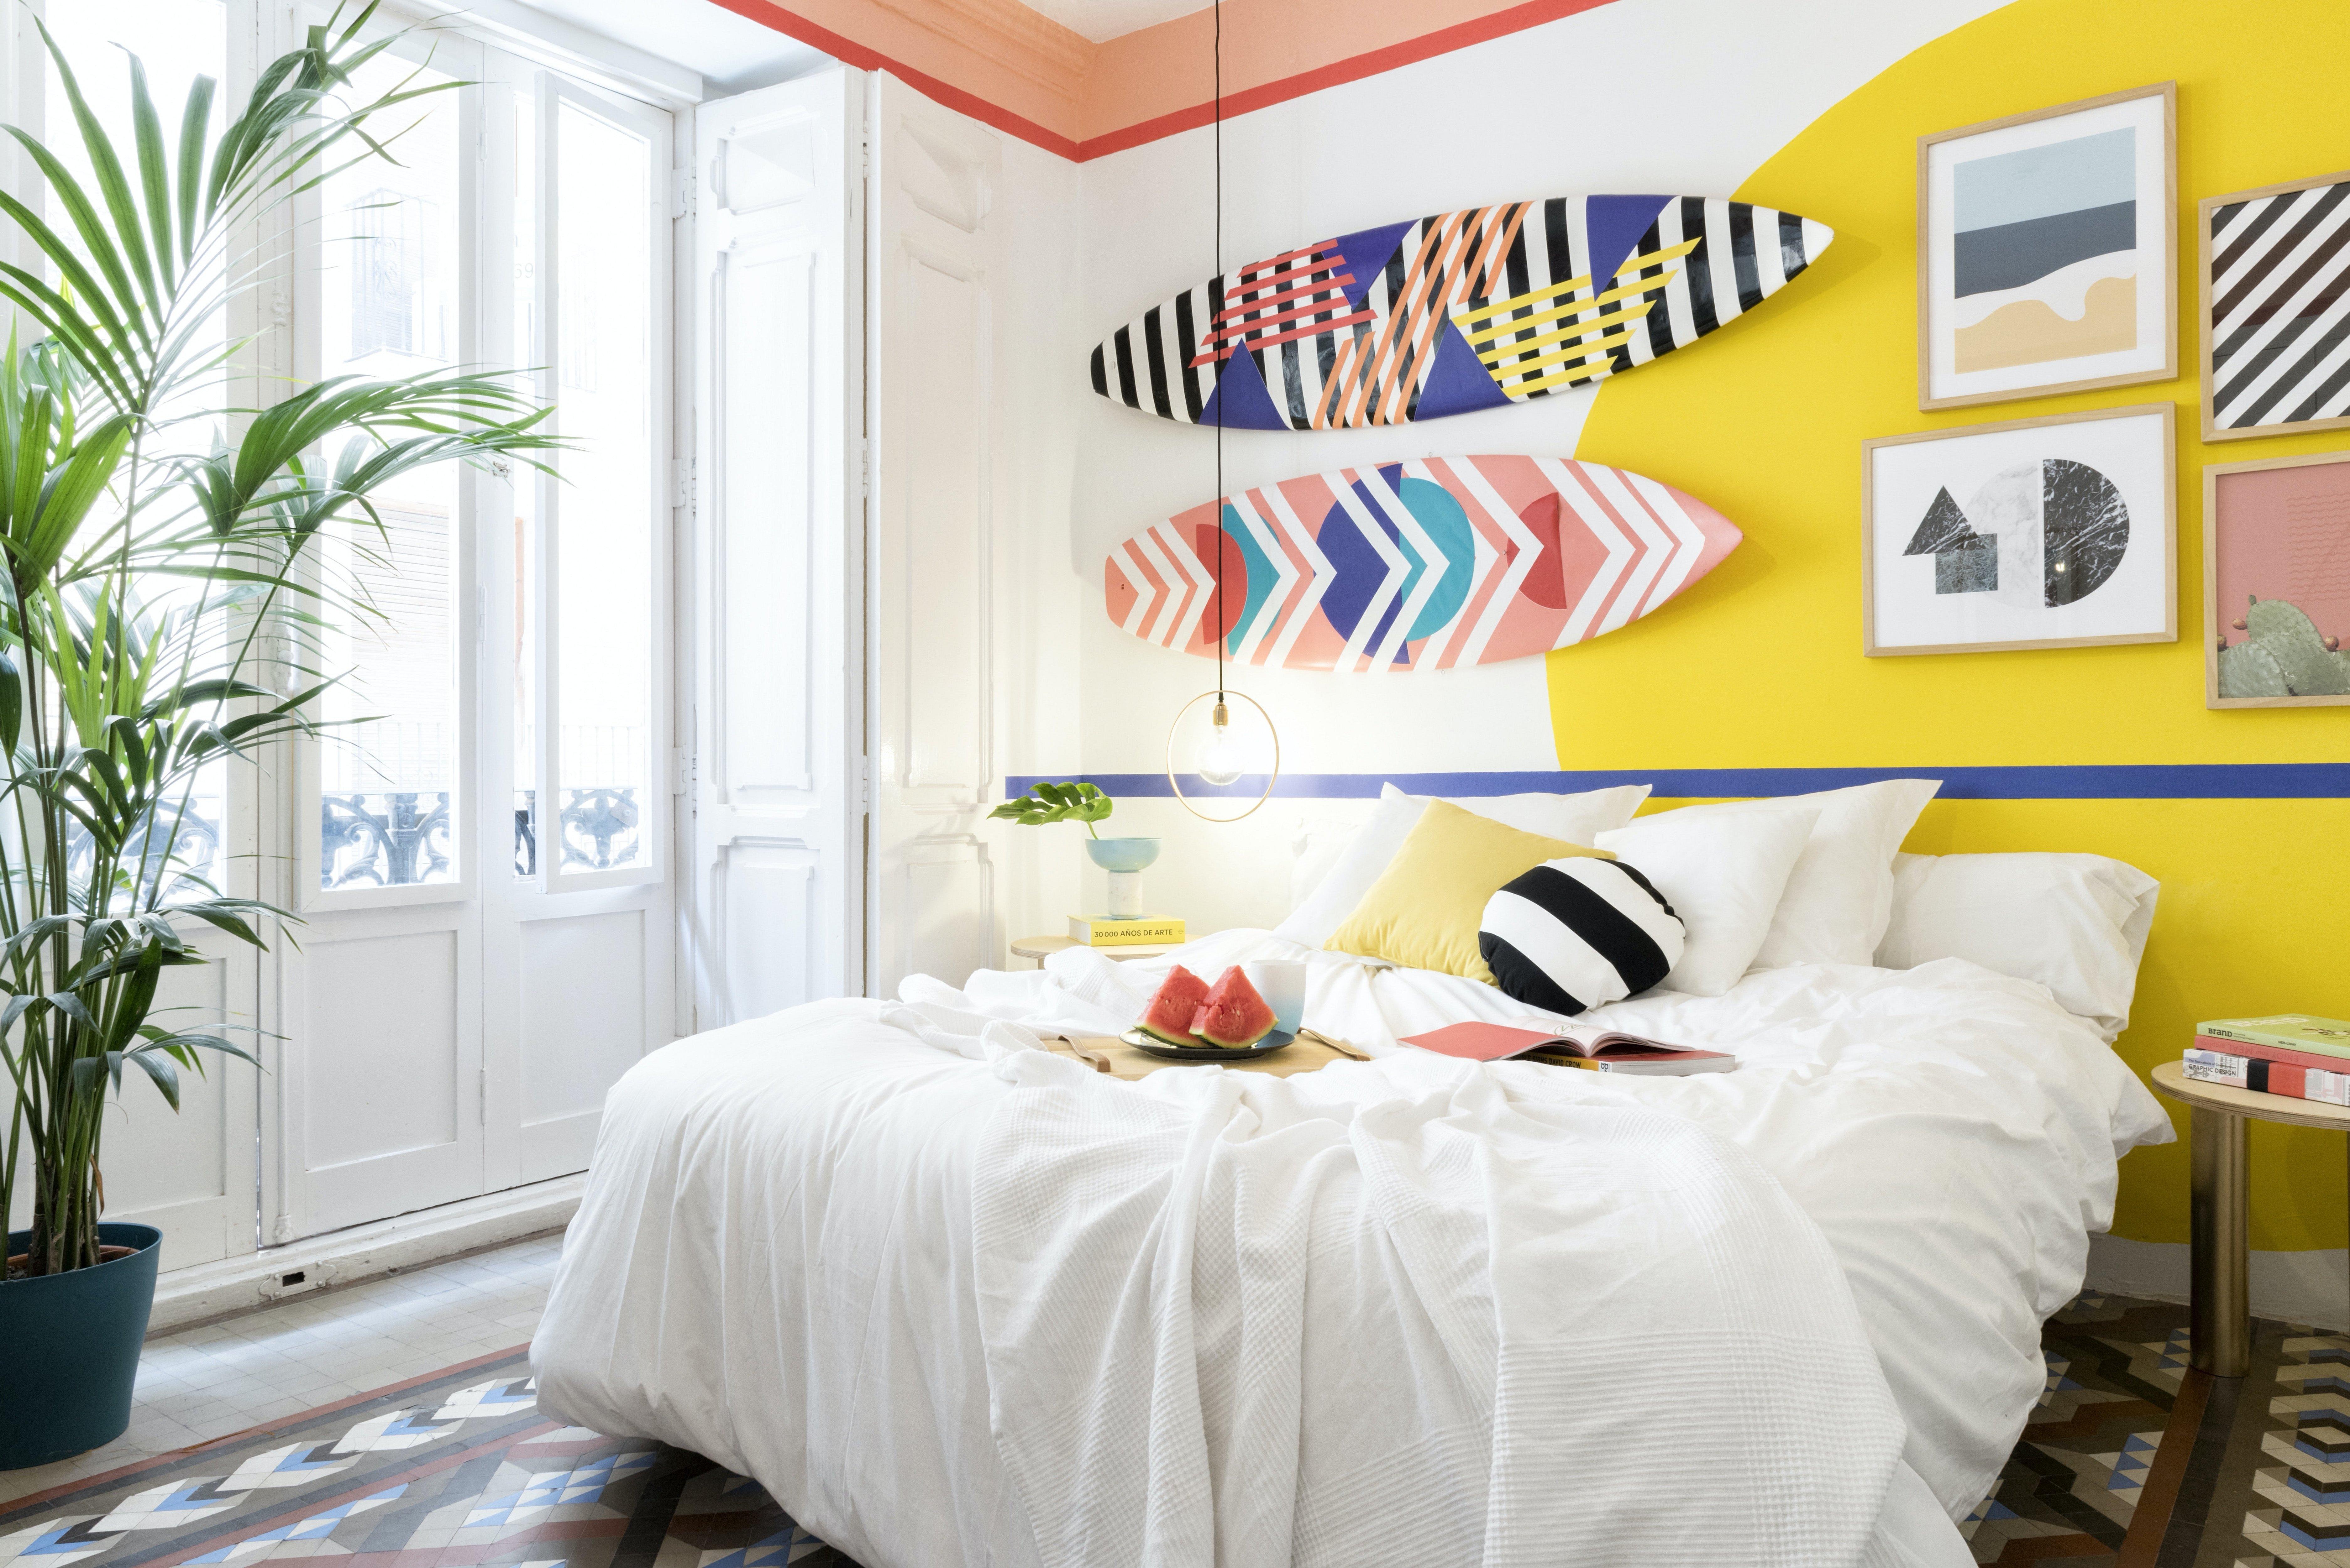 Спальня в стиле икеа с яркими элементами